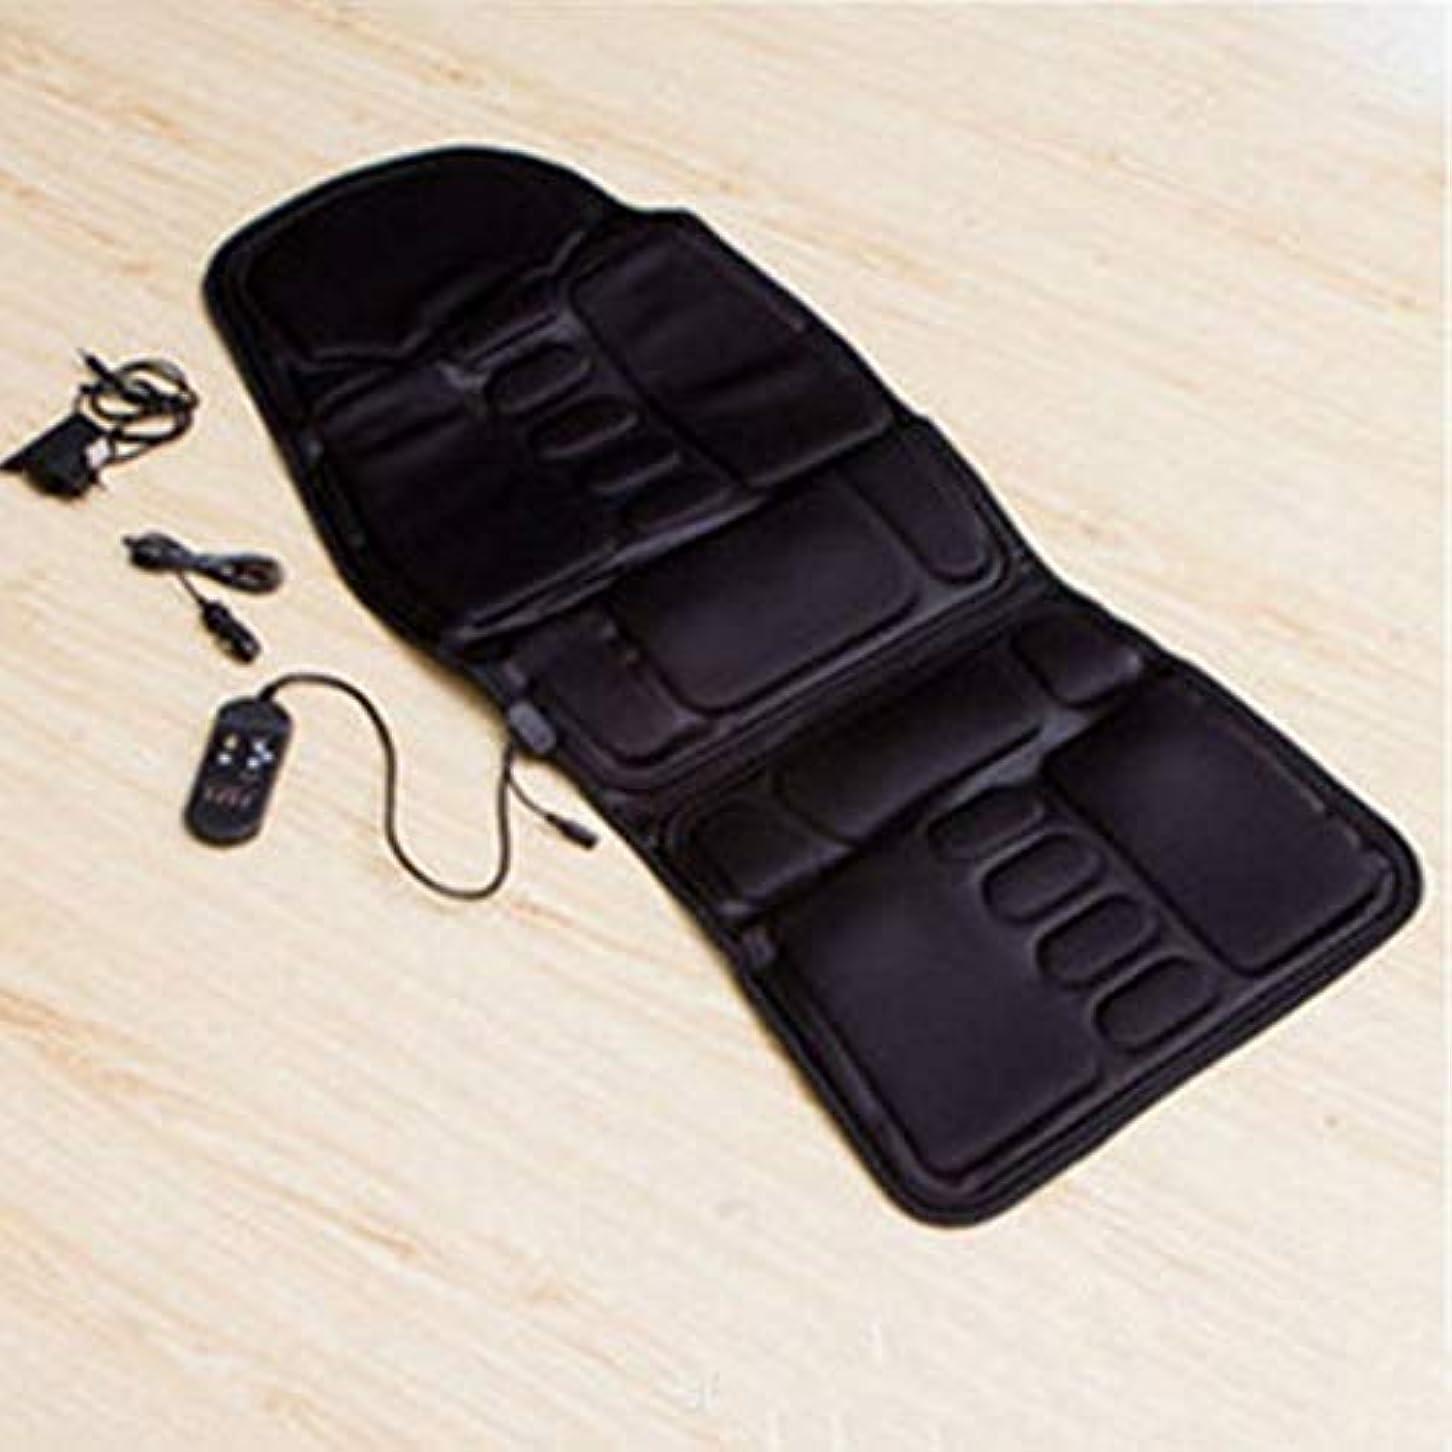 大人去る以内にCar Chair Home Seat Heat Cushion Back Neck Waist Body Electric Multifunctional Chair Massage Pad Back Massager